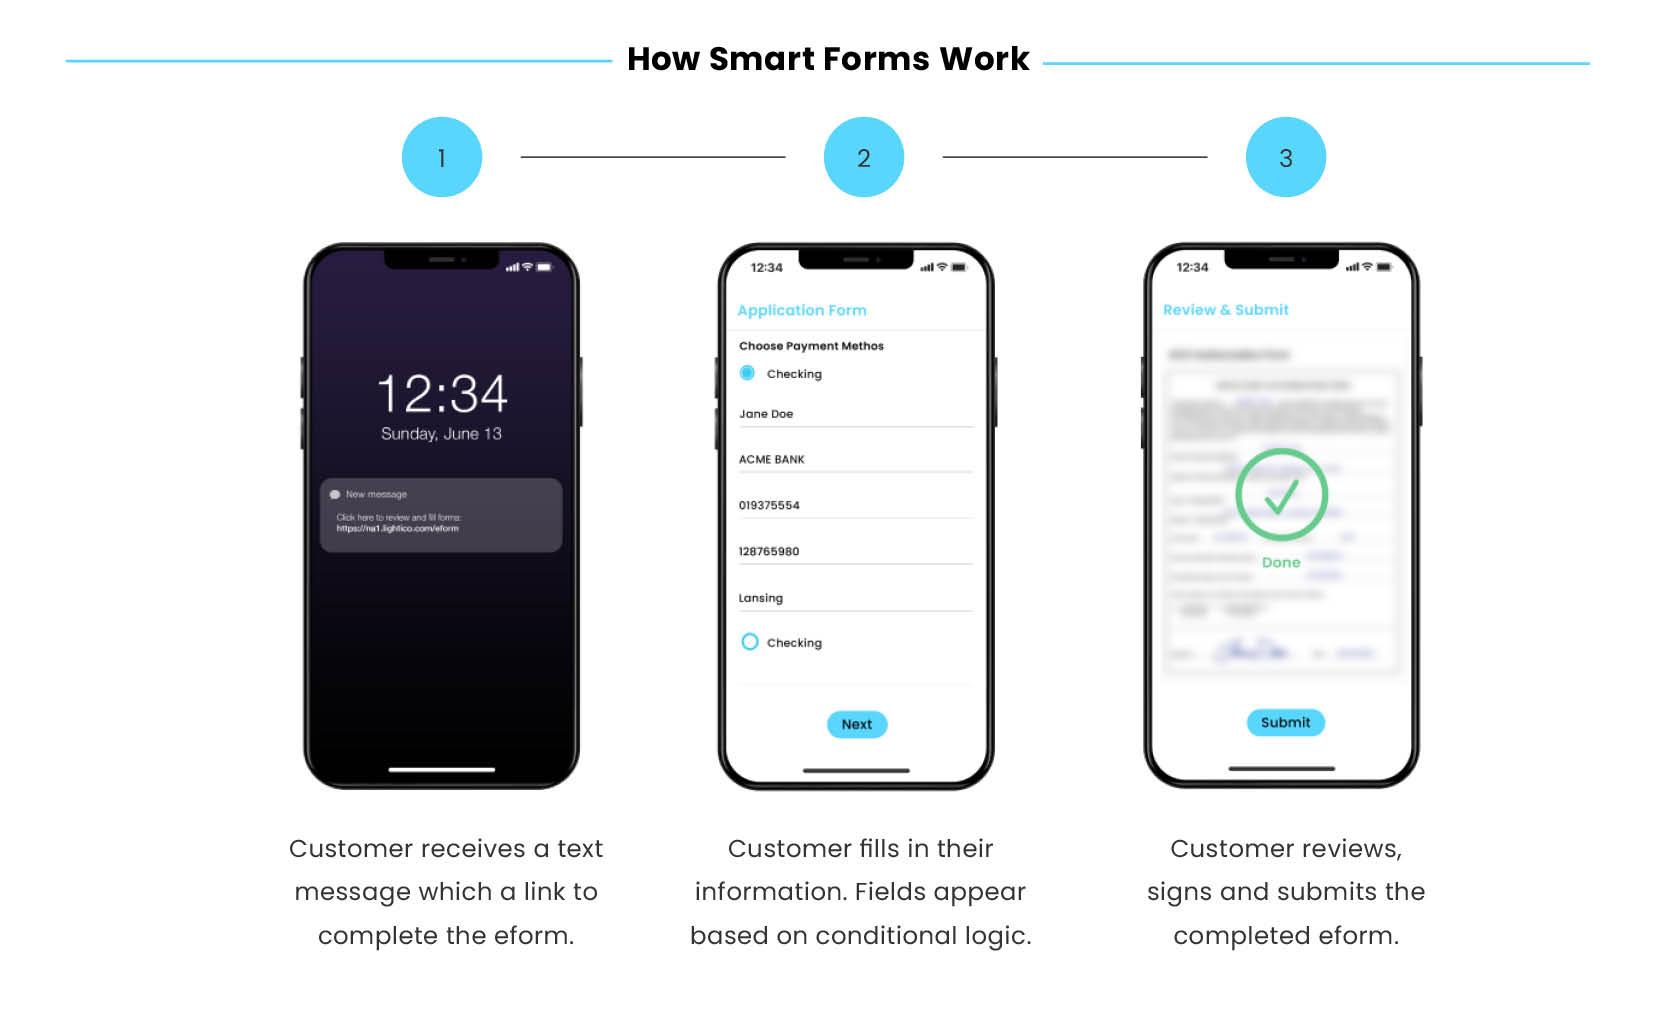 digital-completion-journey-banking-smart forms work